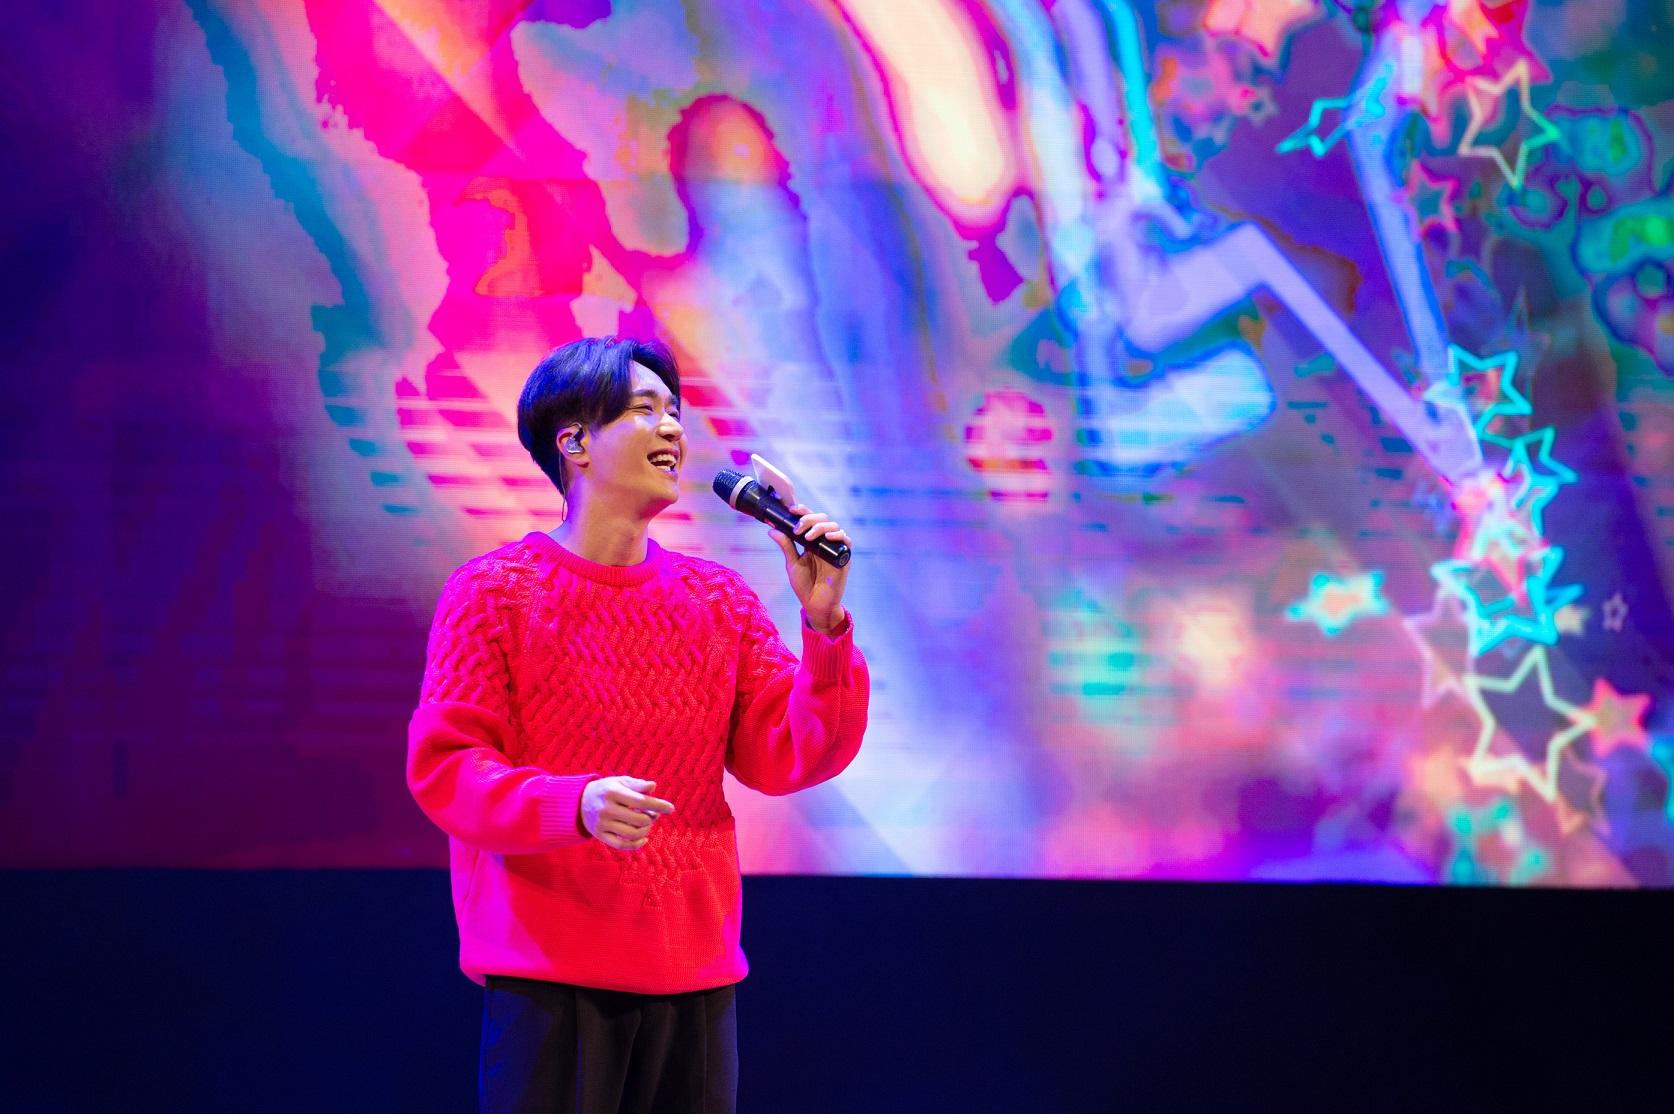 [이미지제공=월드비전] 2019 패밀리데이_게스트로 참여해 공연을 펼치는 가수 조성모.JPG